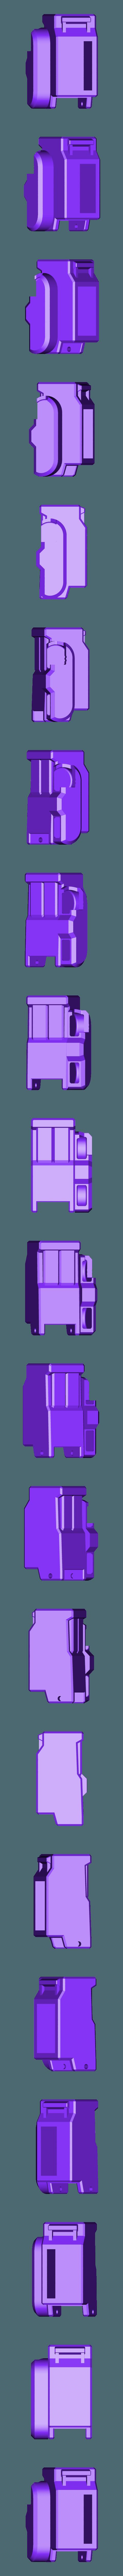 Calf-Right-Blue.stl Download free STL file Big Optimus Prime! - Multi Material Model • 3D printer model, ChaosCoreTech